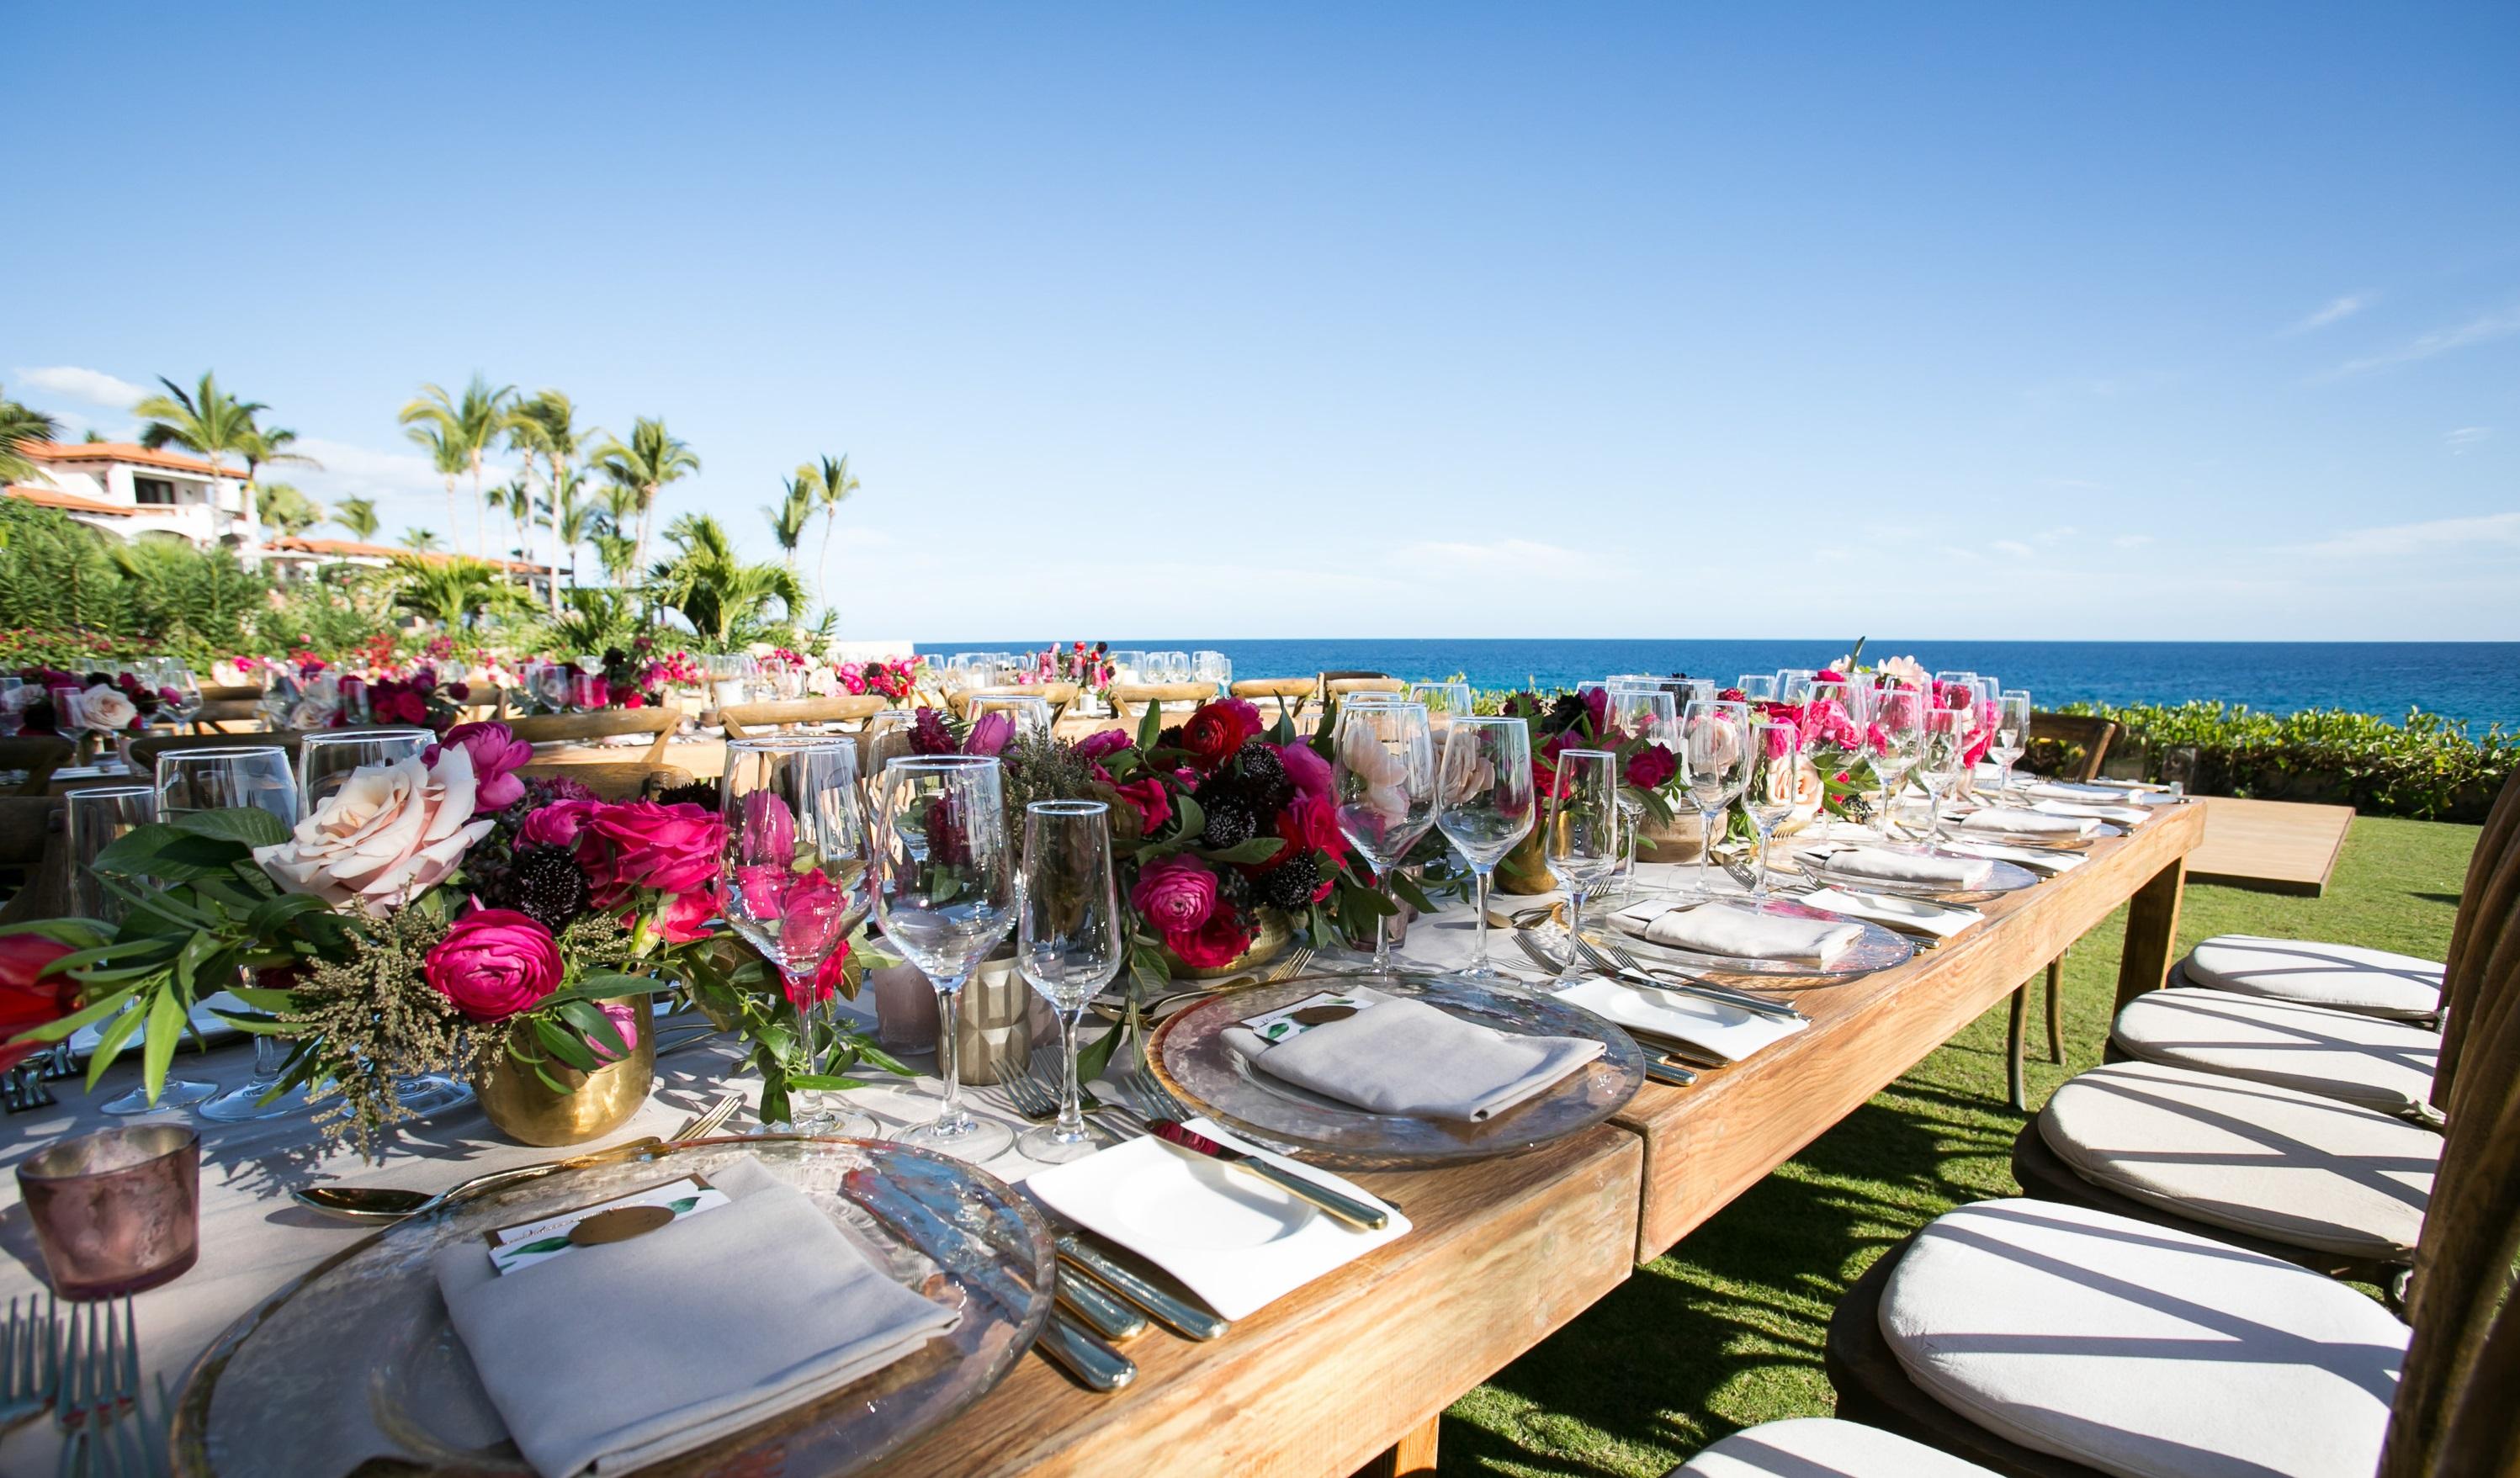 Lush & Beautiful Destination Wedding - SIGNATURE, Event Consulting & Design